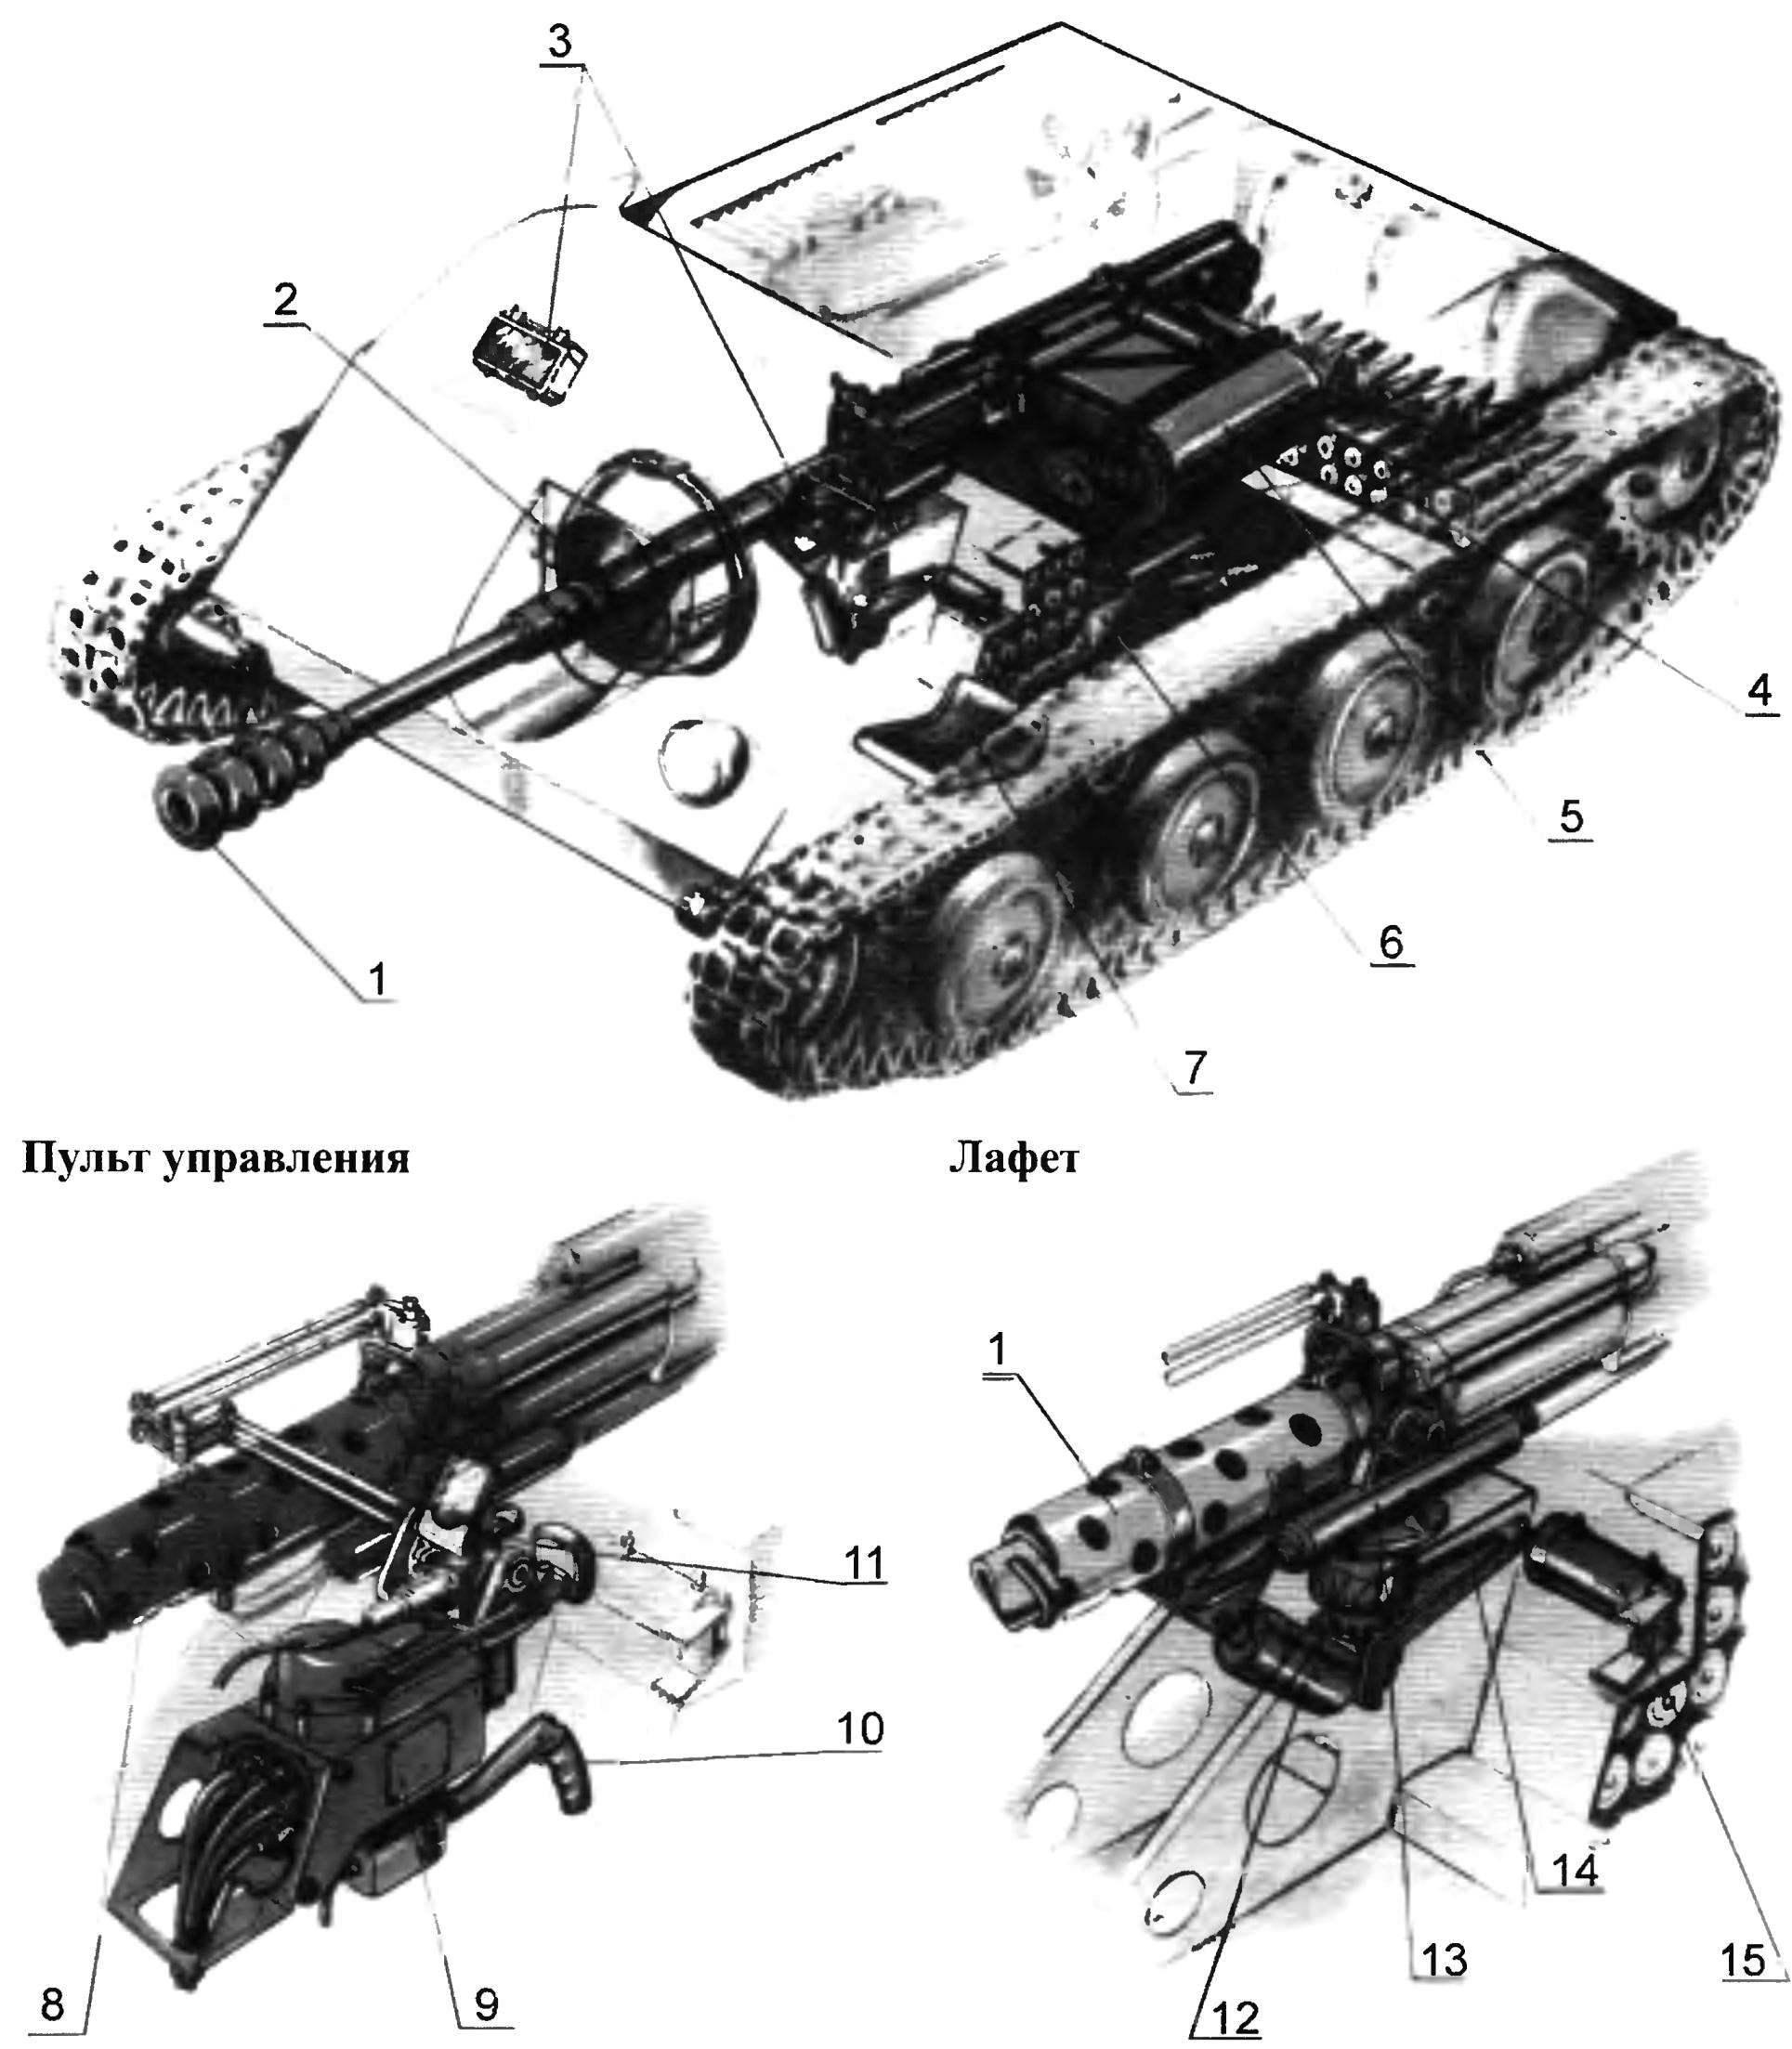 Расположение вооружения